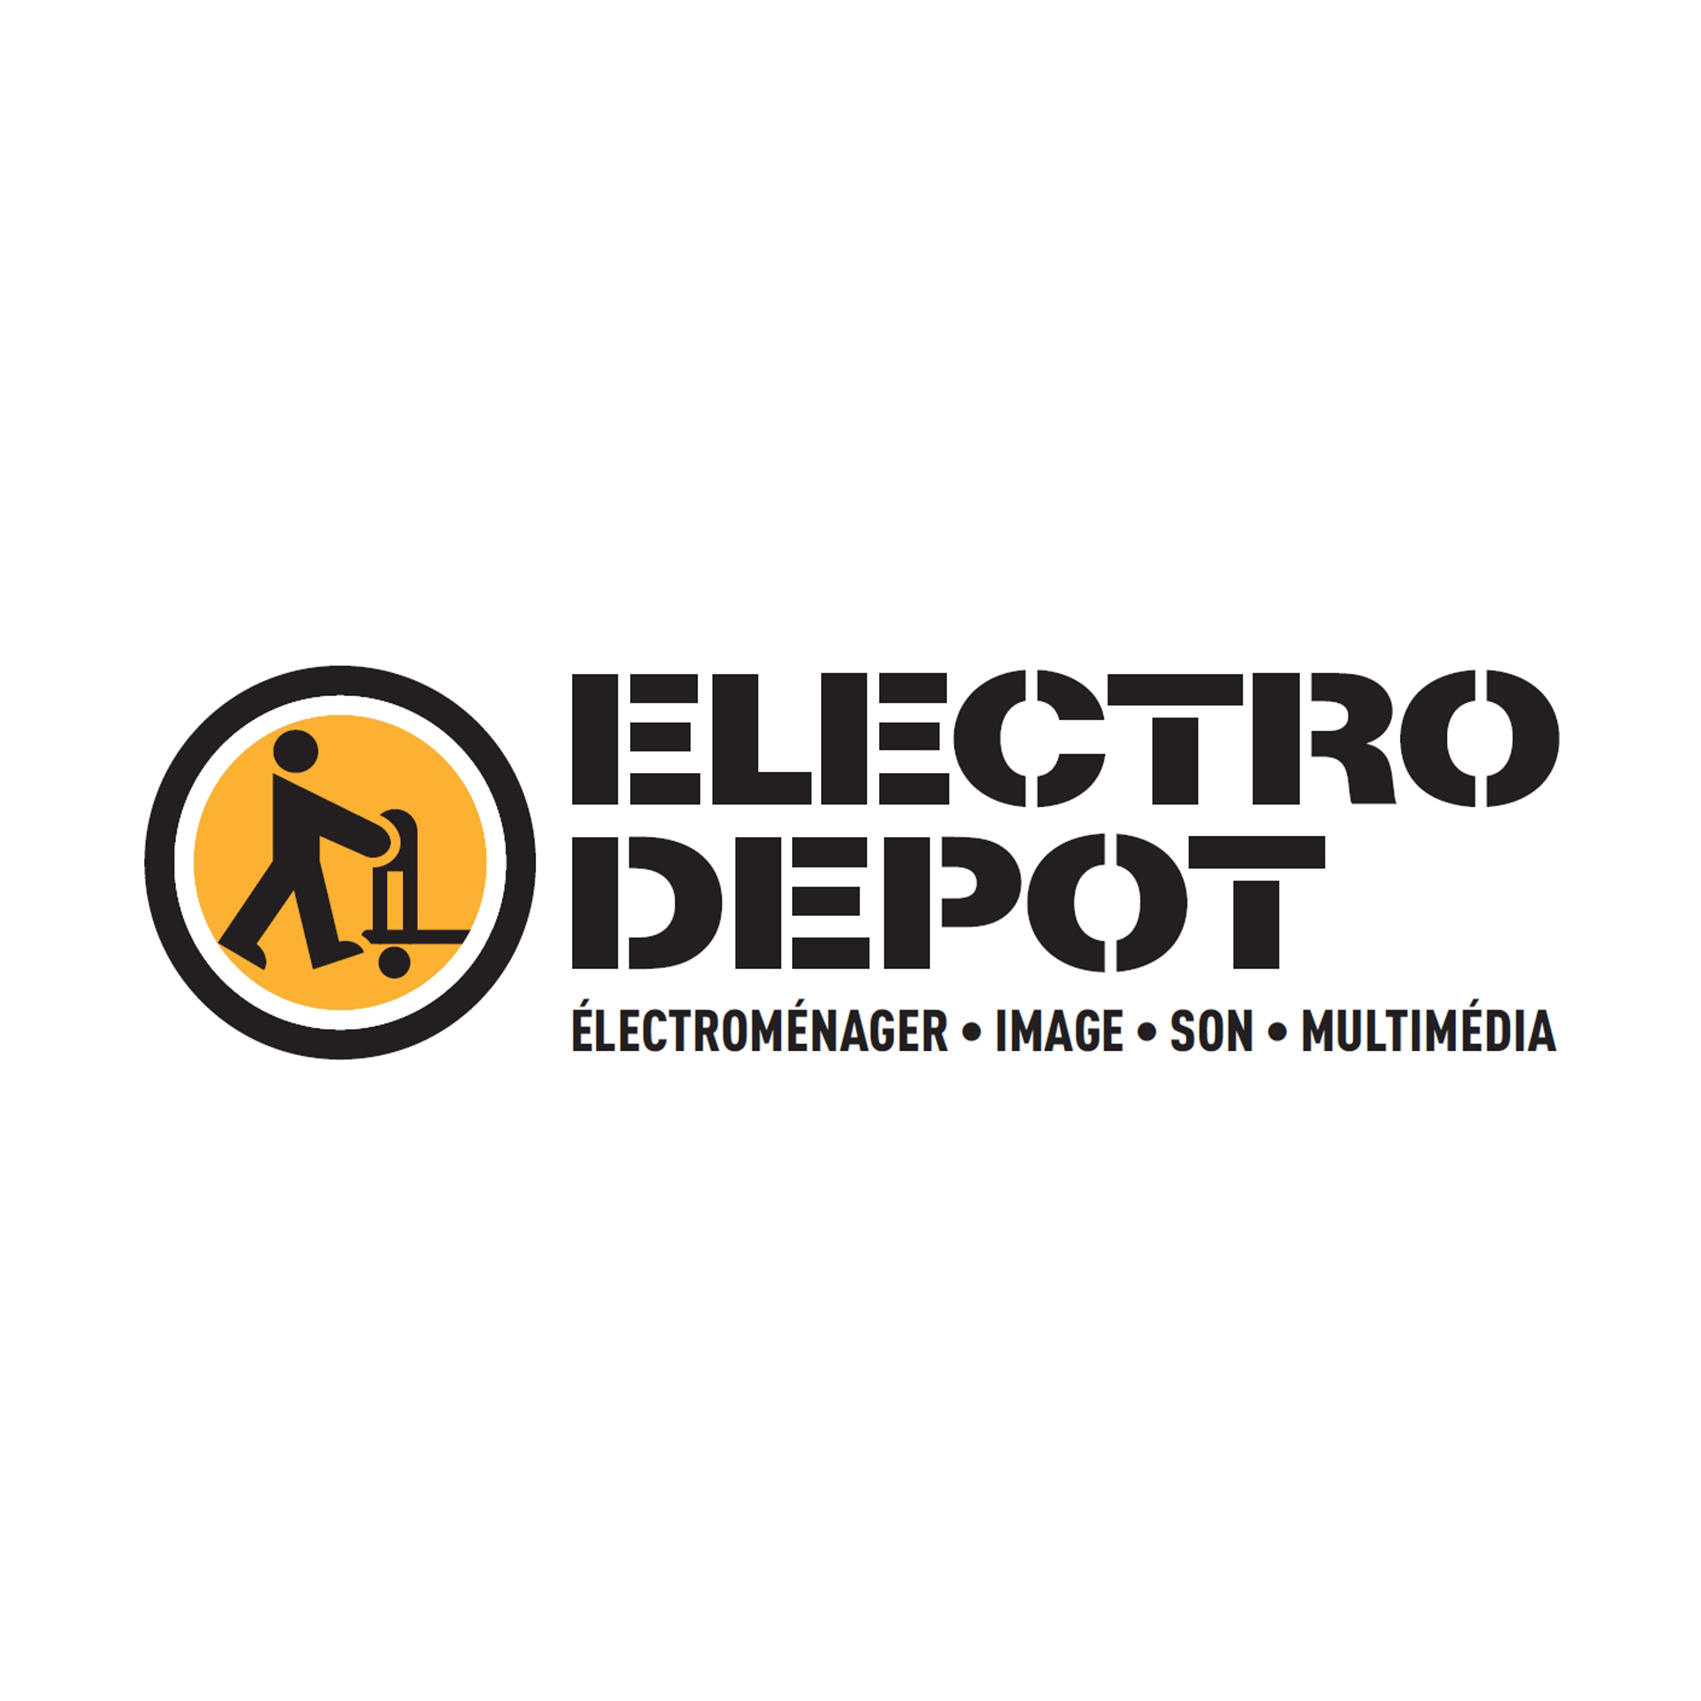 electro depot colombiers colombiers contactez le directeur